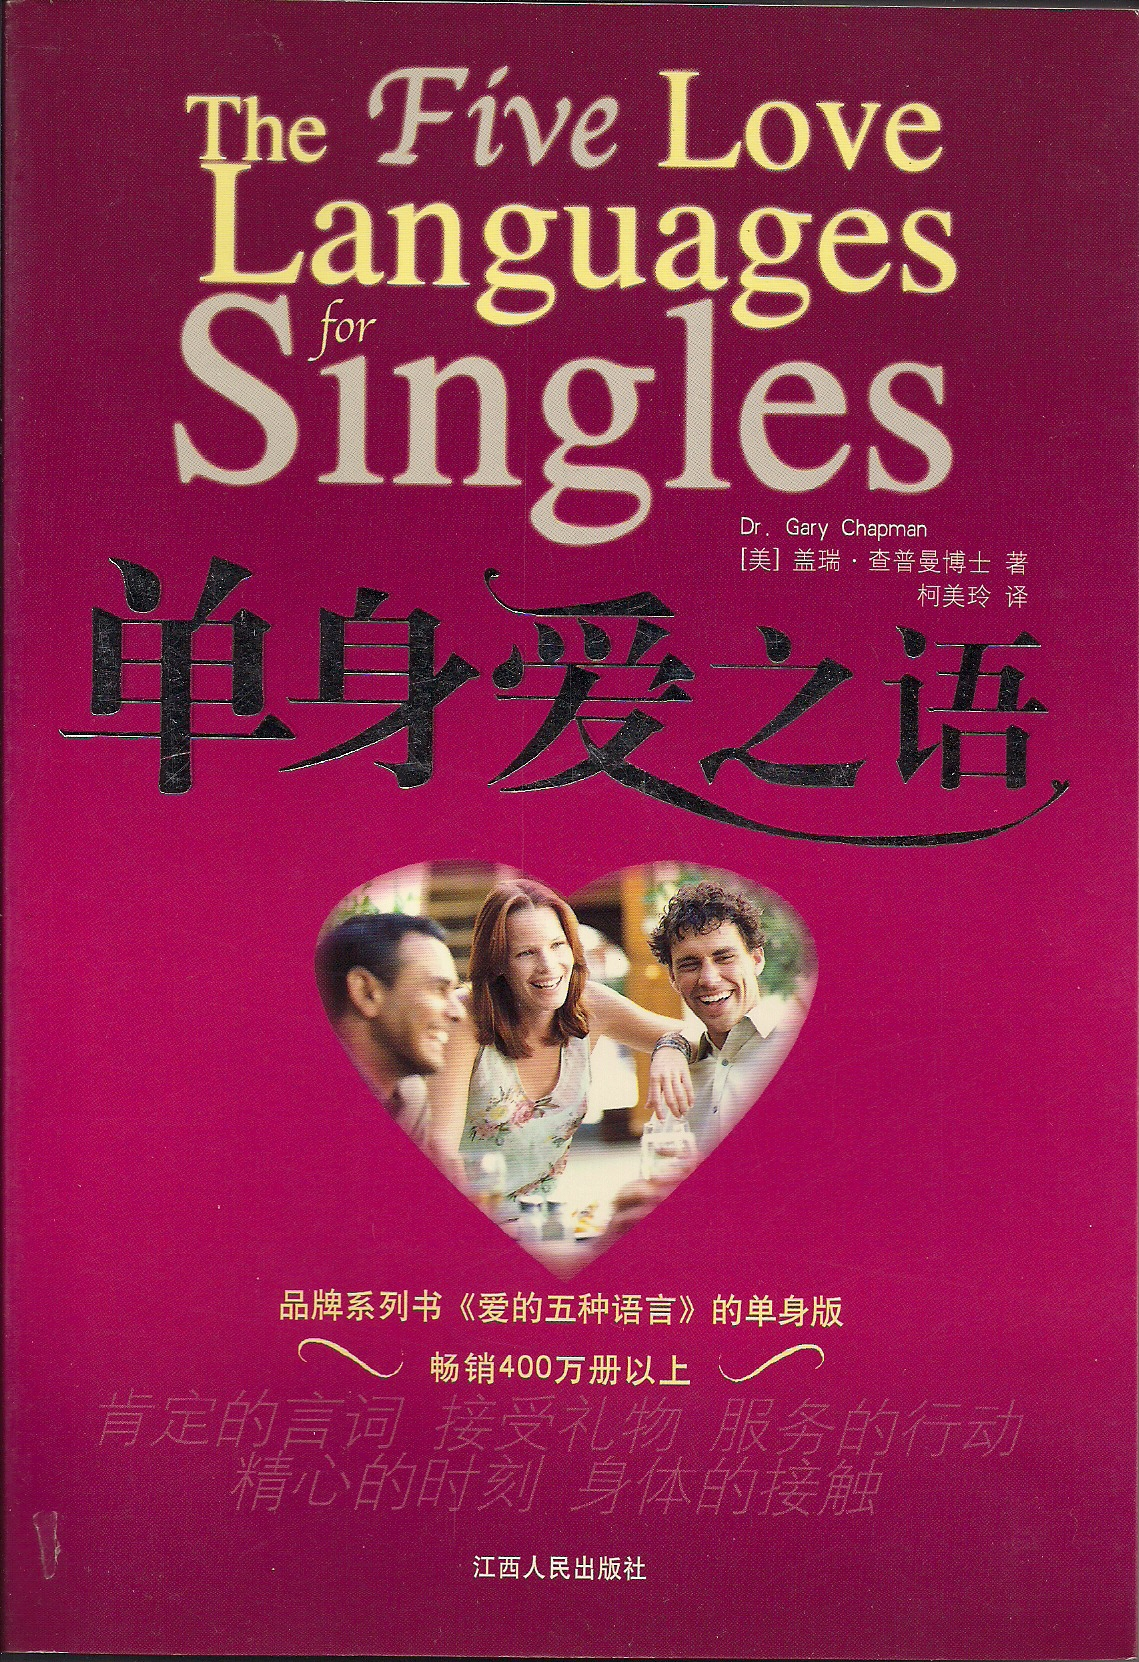 单身爱之语/新百合文库/Five love languages for singles